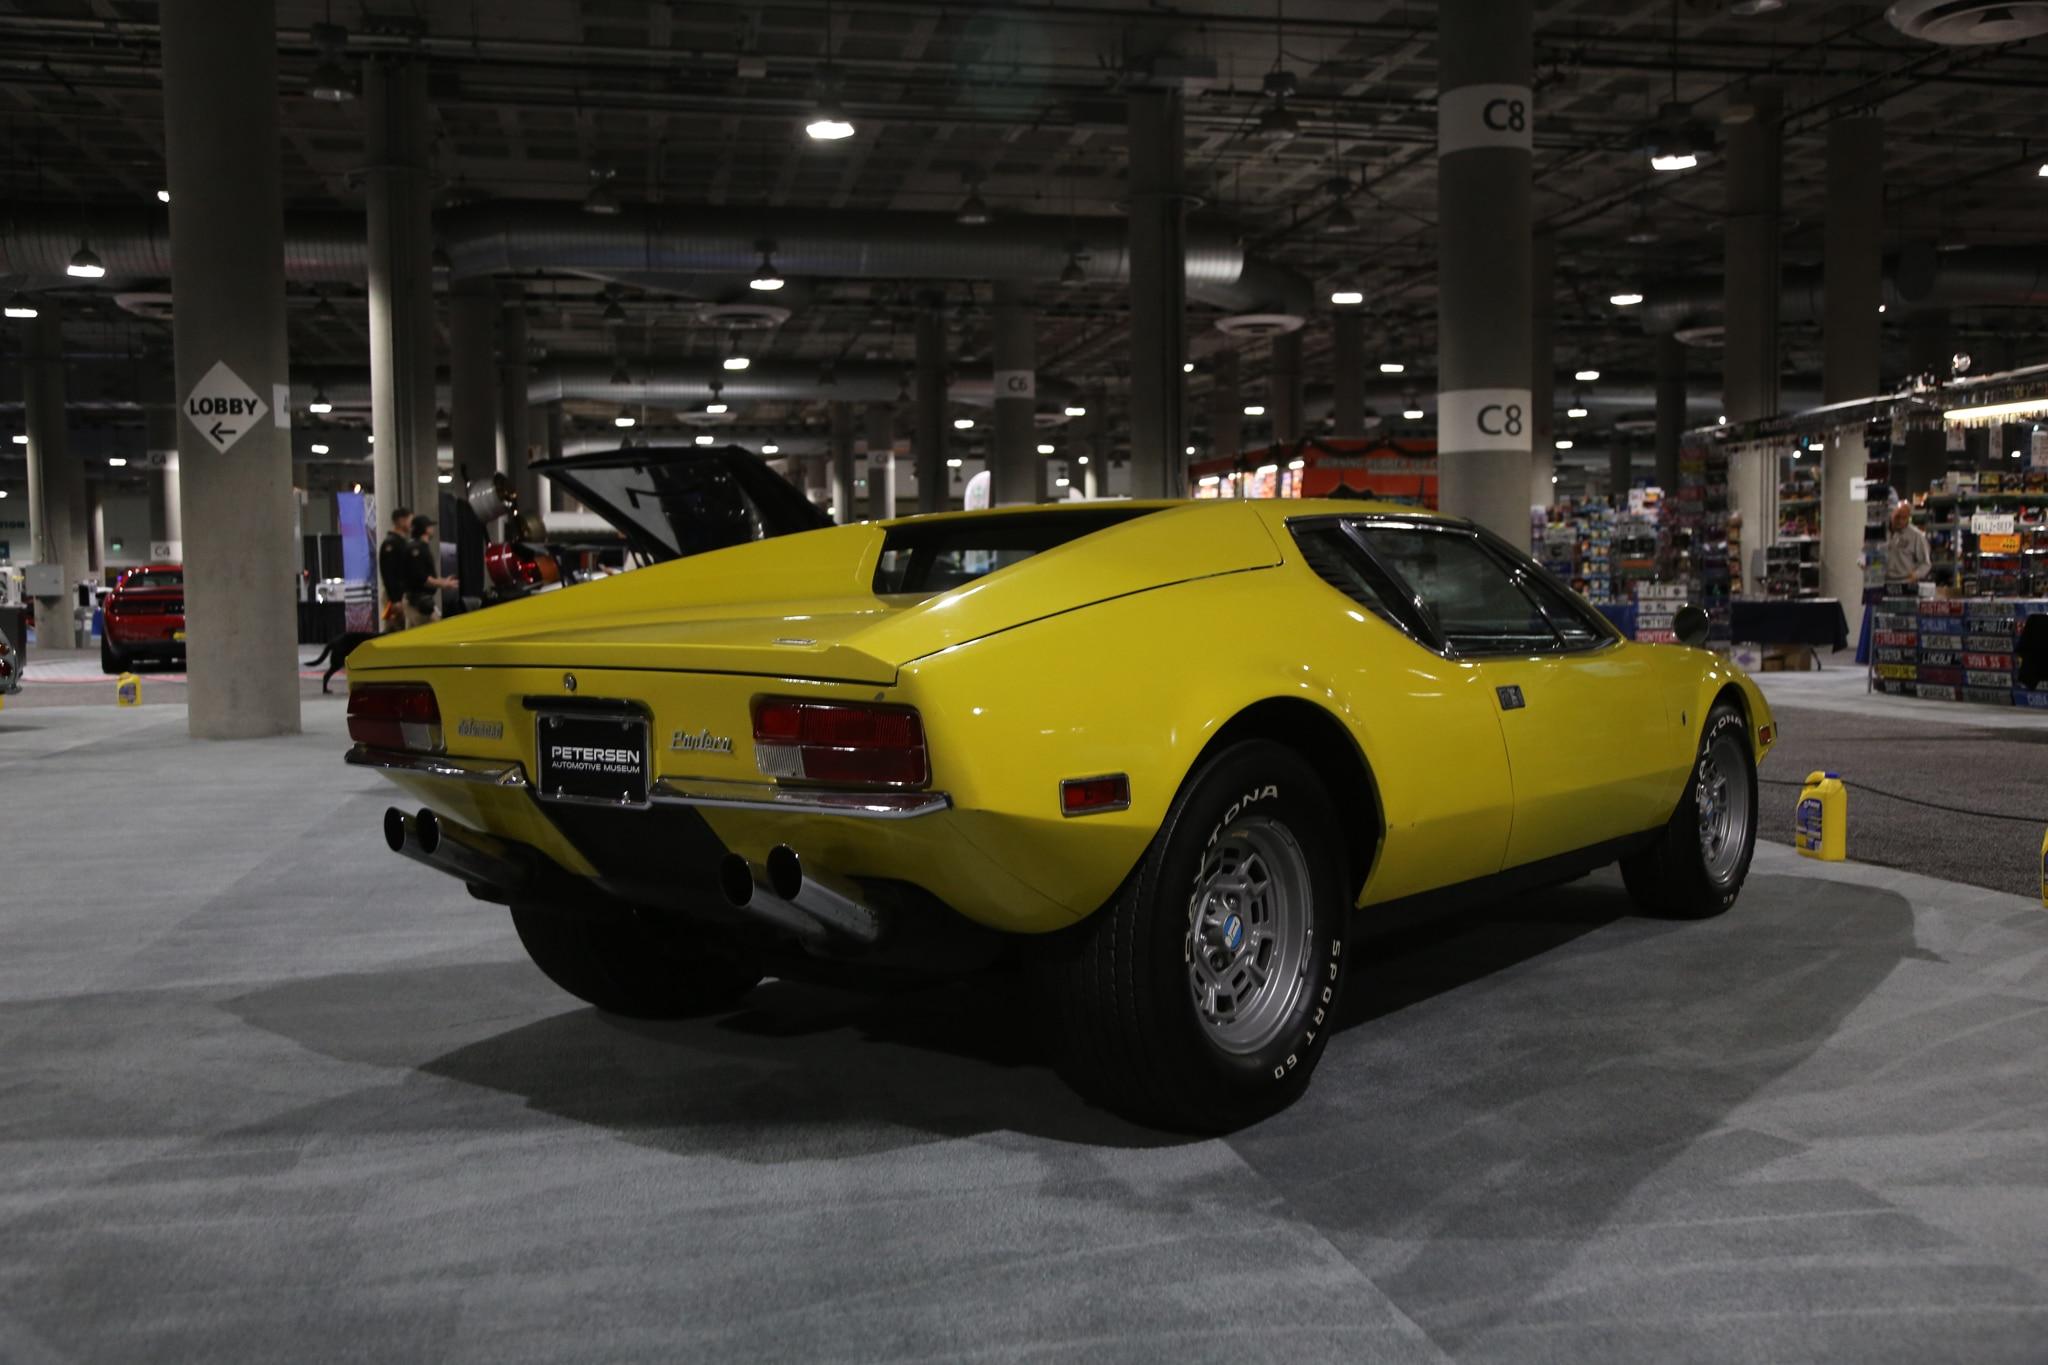 LA_Auto_Show_Classics_The_Garage 9